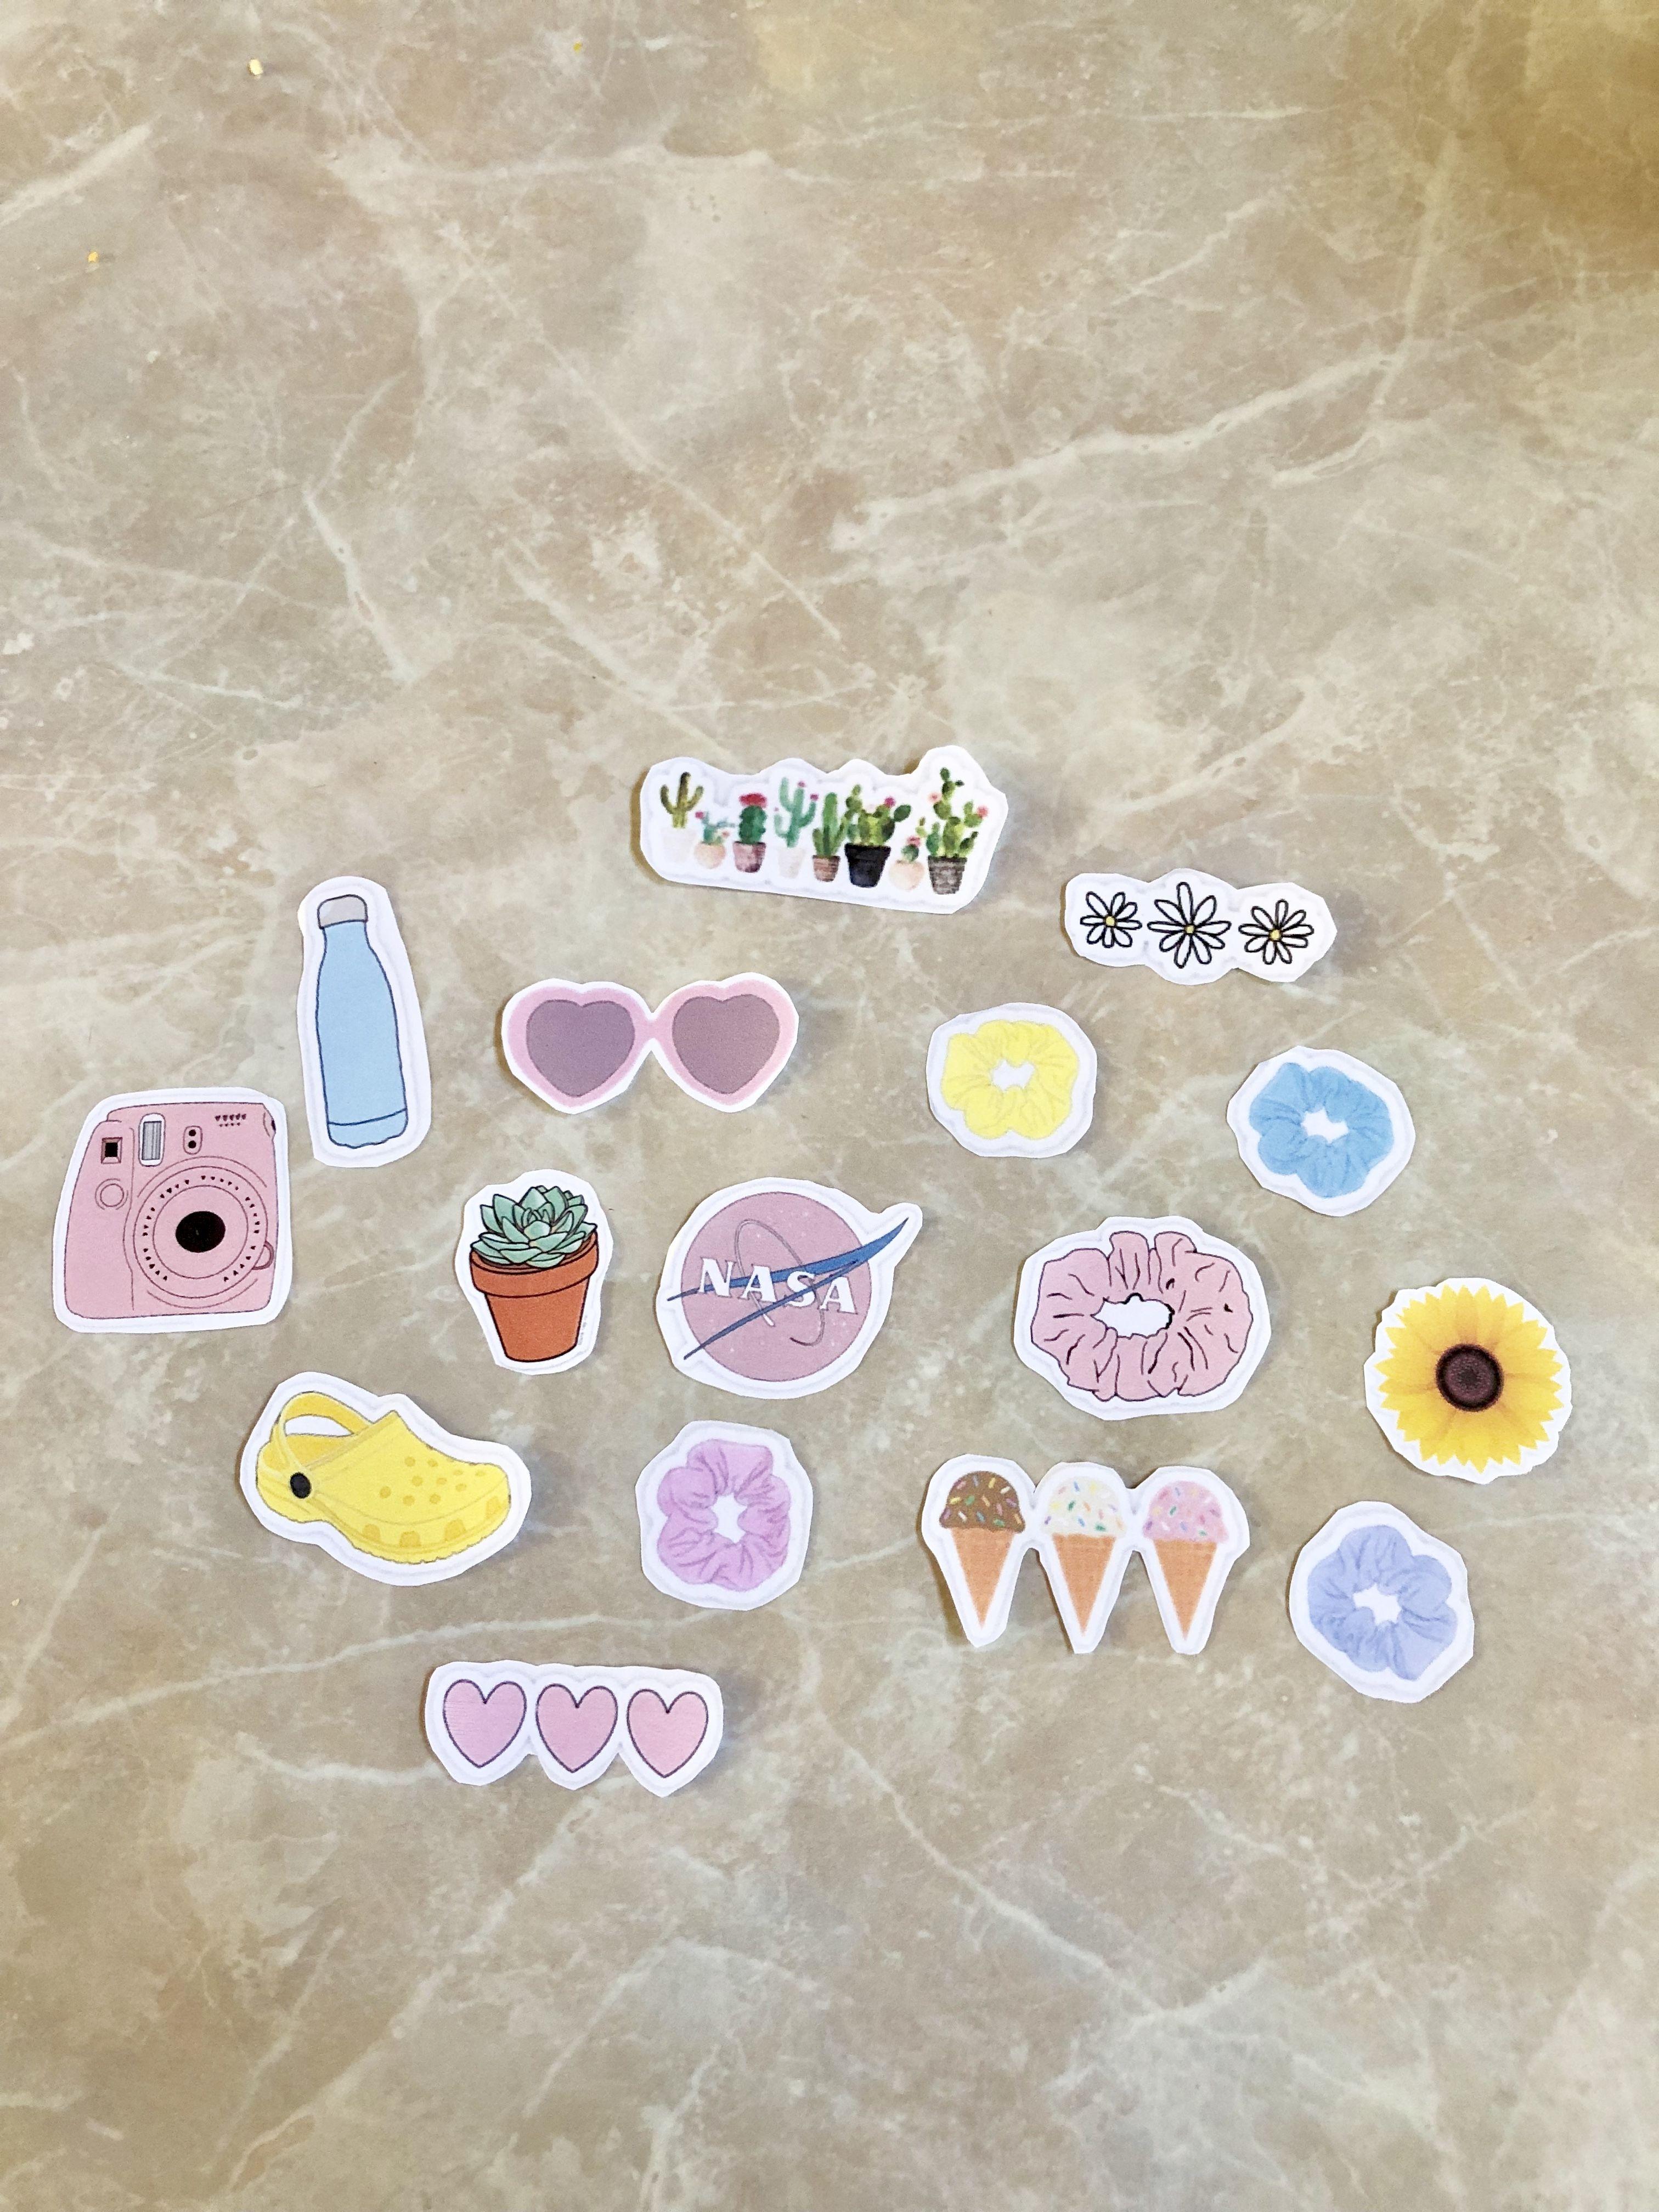 Diy Vsco Stickers Tik Tok Stickers How To Make